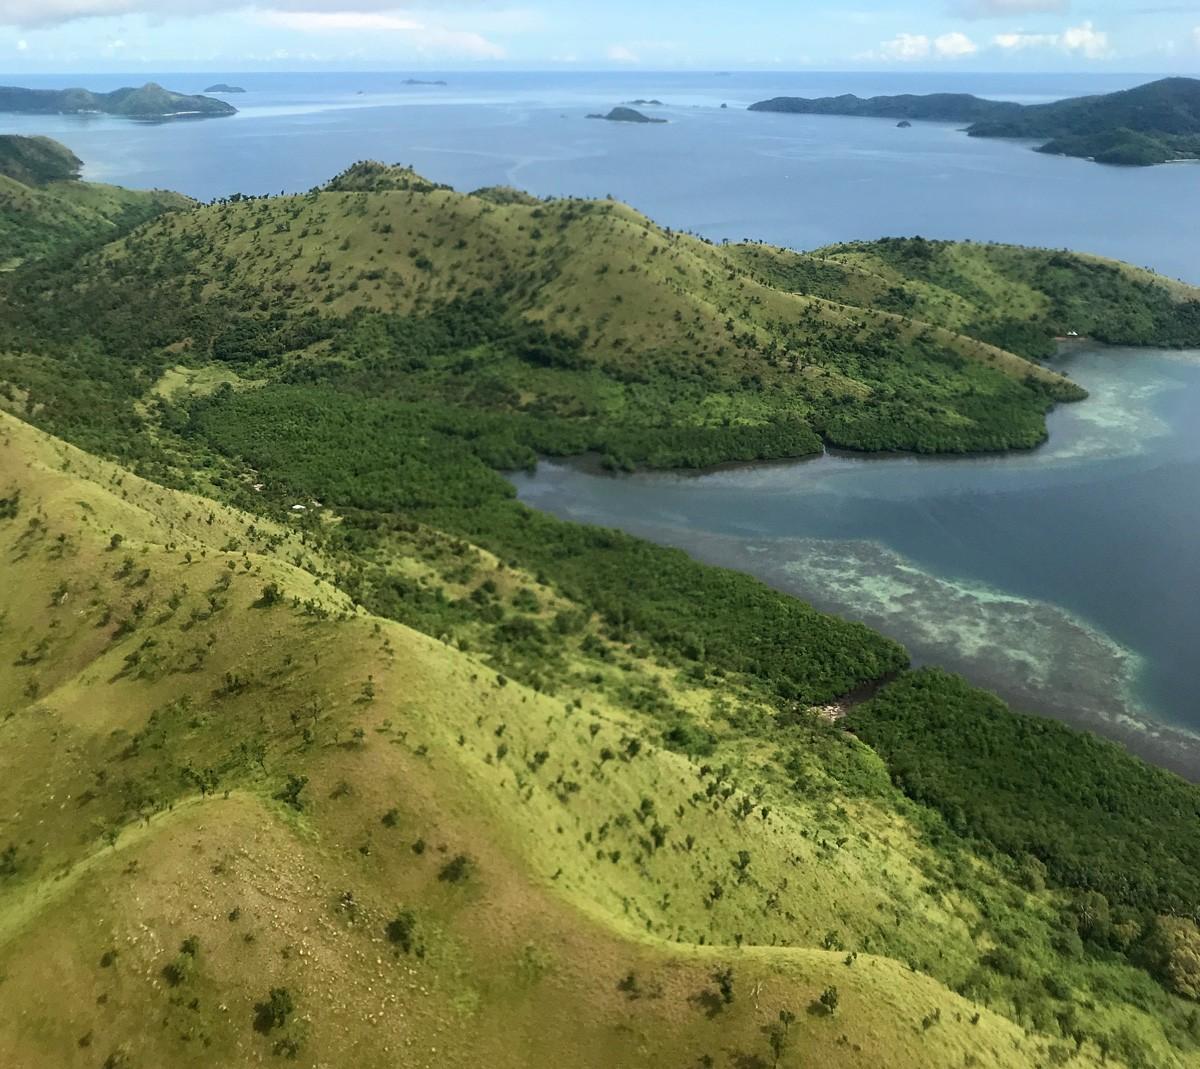 Busuanga island paradise photo, Philippines